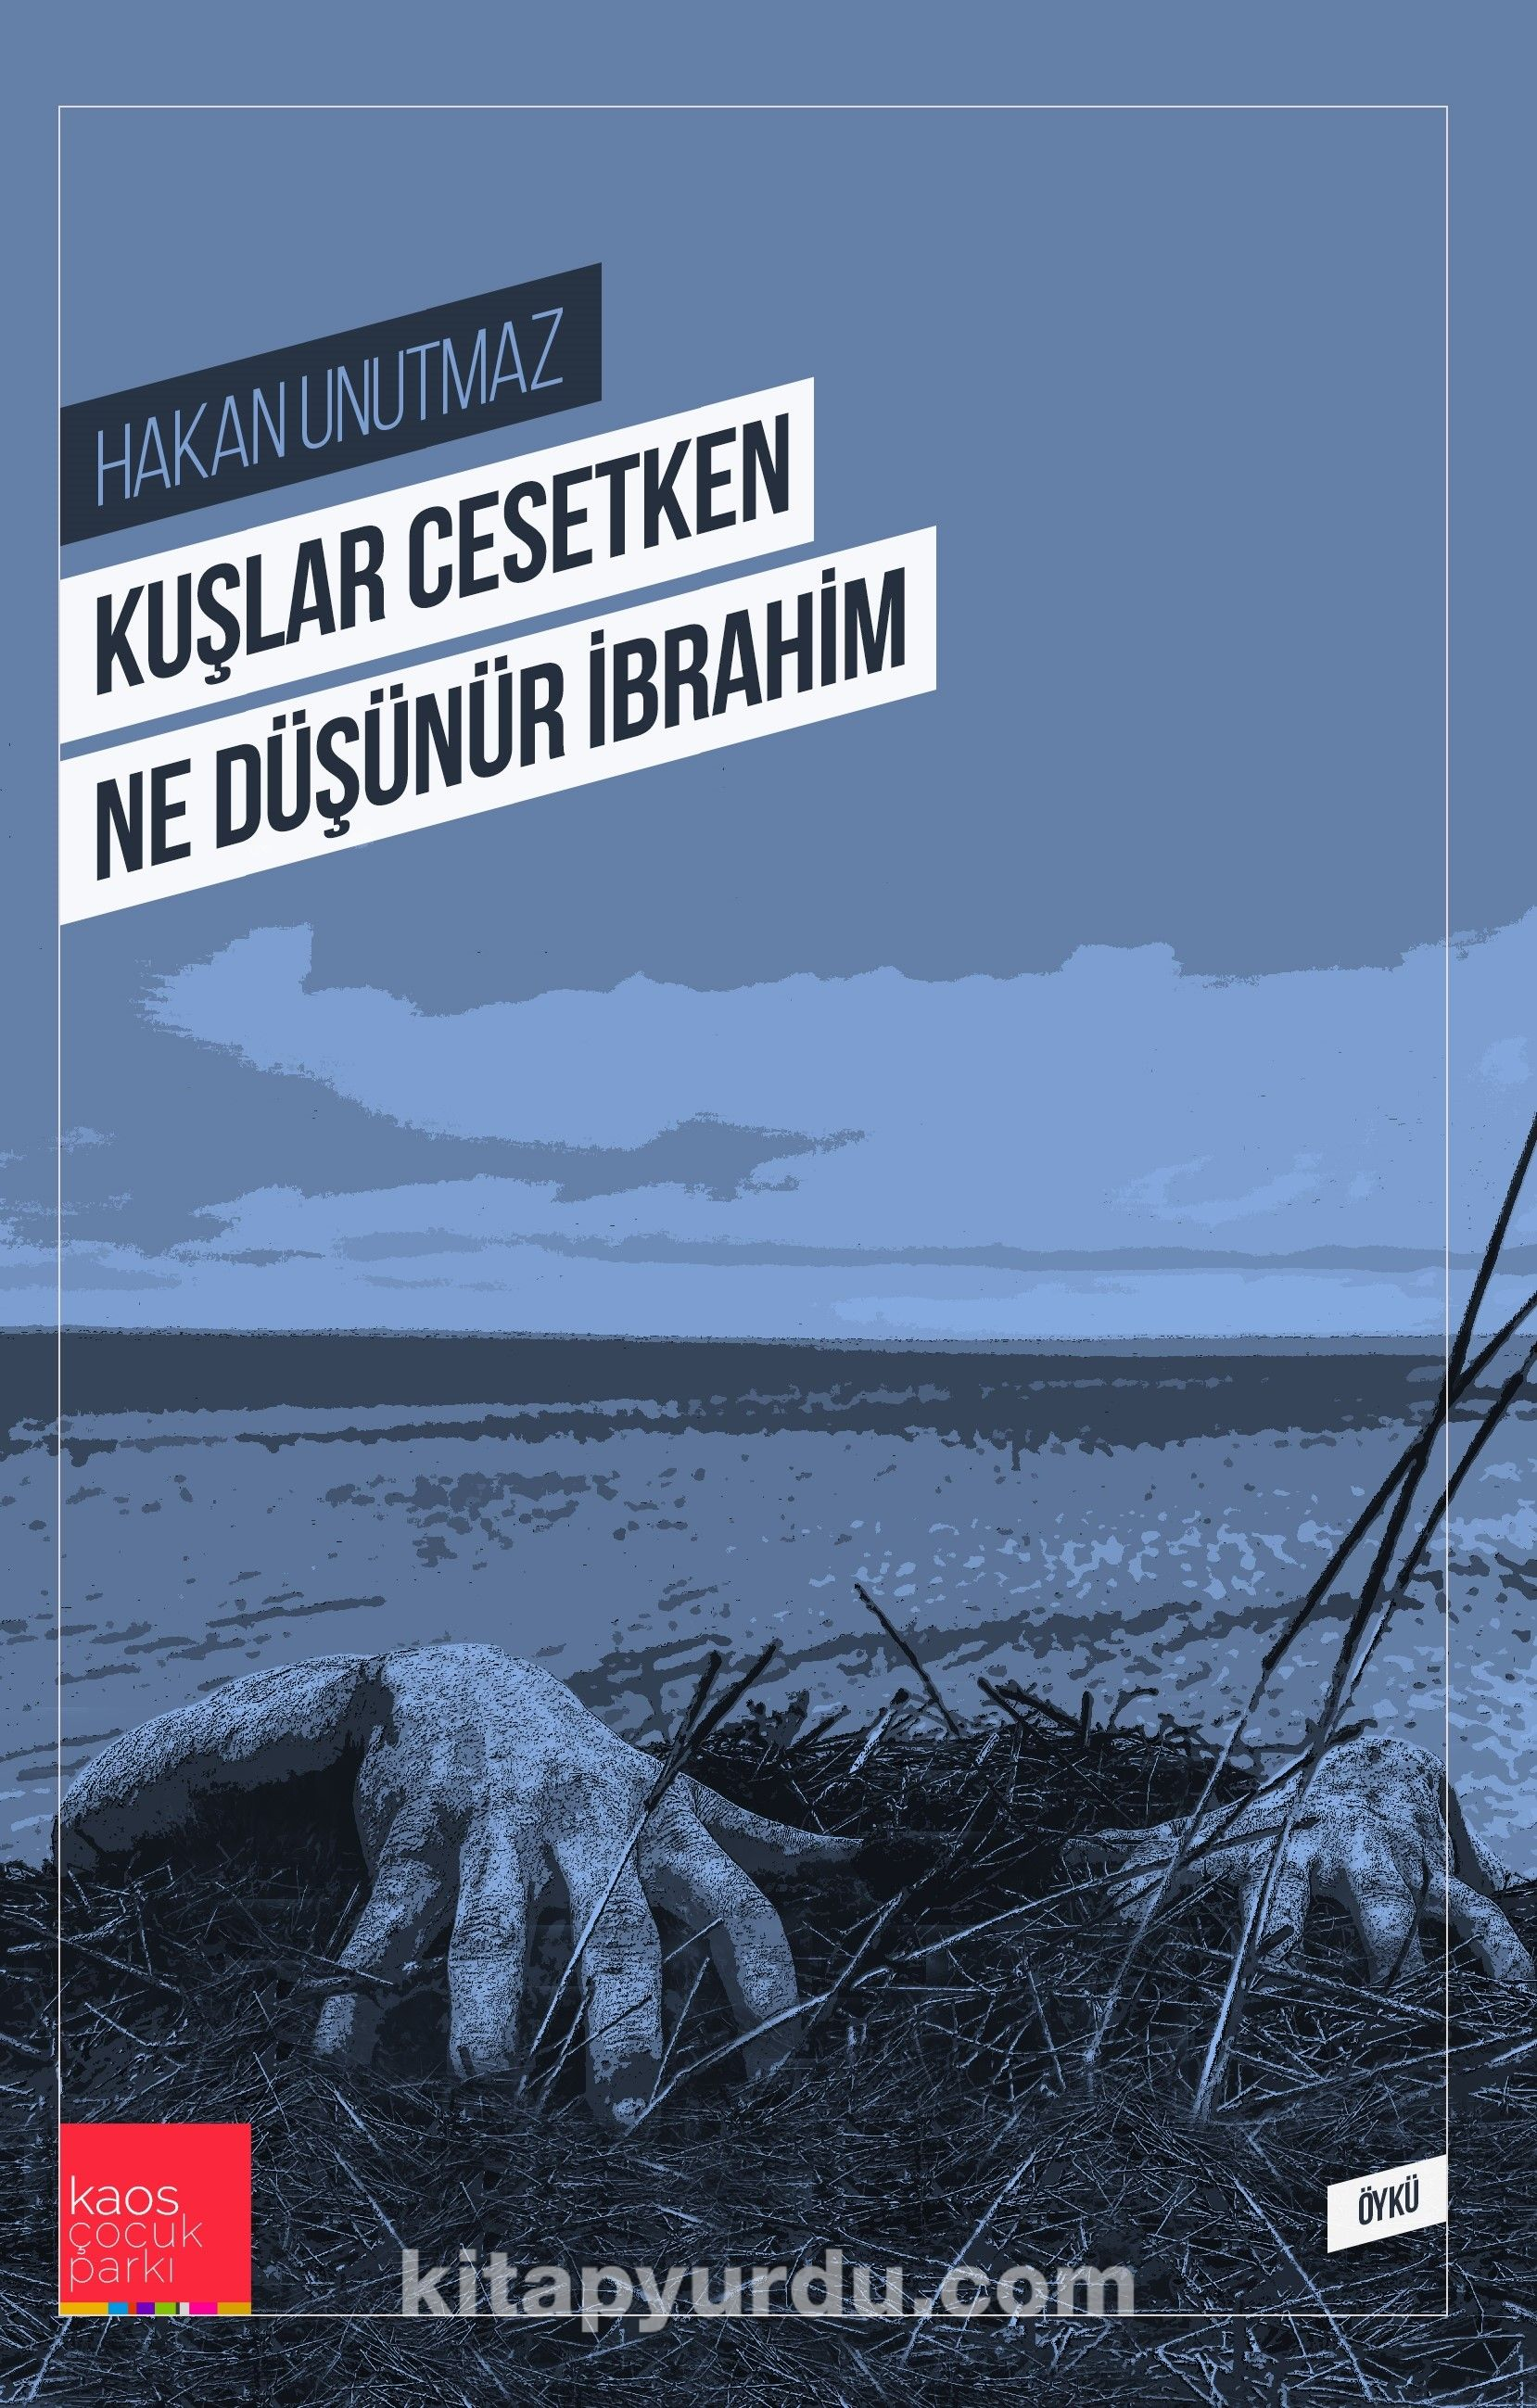 Kuşlar Cesetken Ne Düşünür İbrahim - Hakan Unutmaz pdf epub